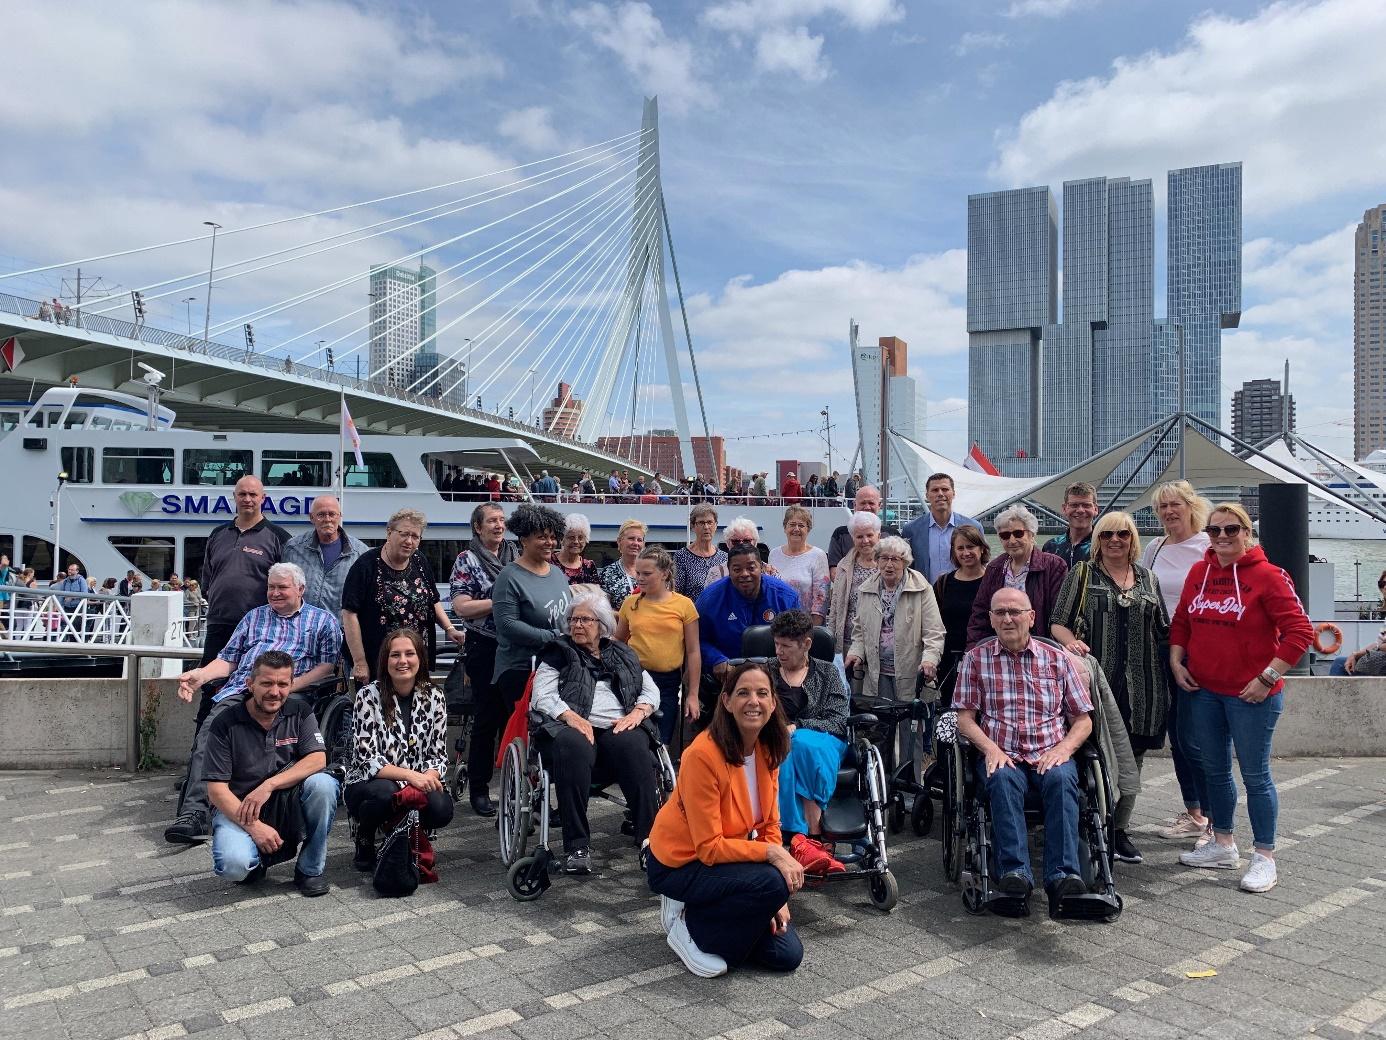 Conservator Organiseert Maatschappelijk Uitje Spido Met Stichting Present En Breinpuzzel